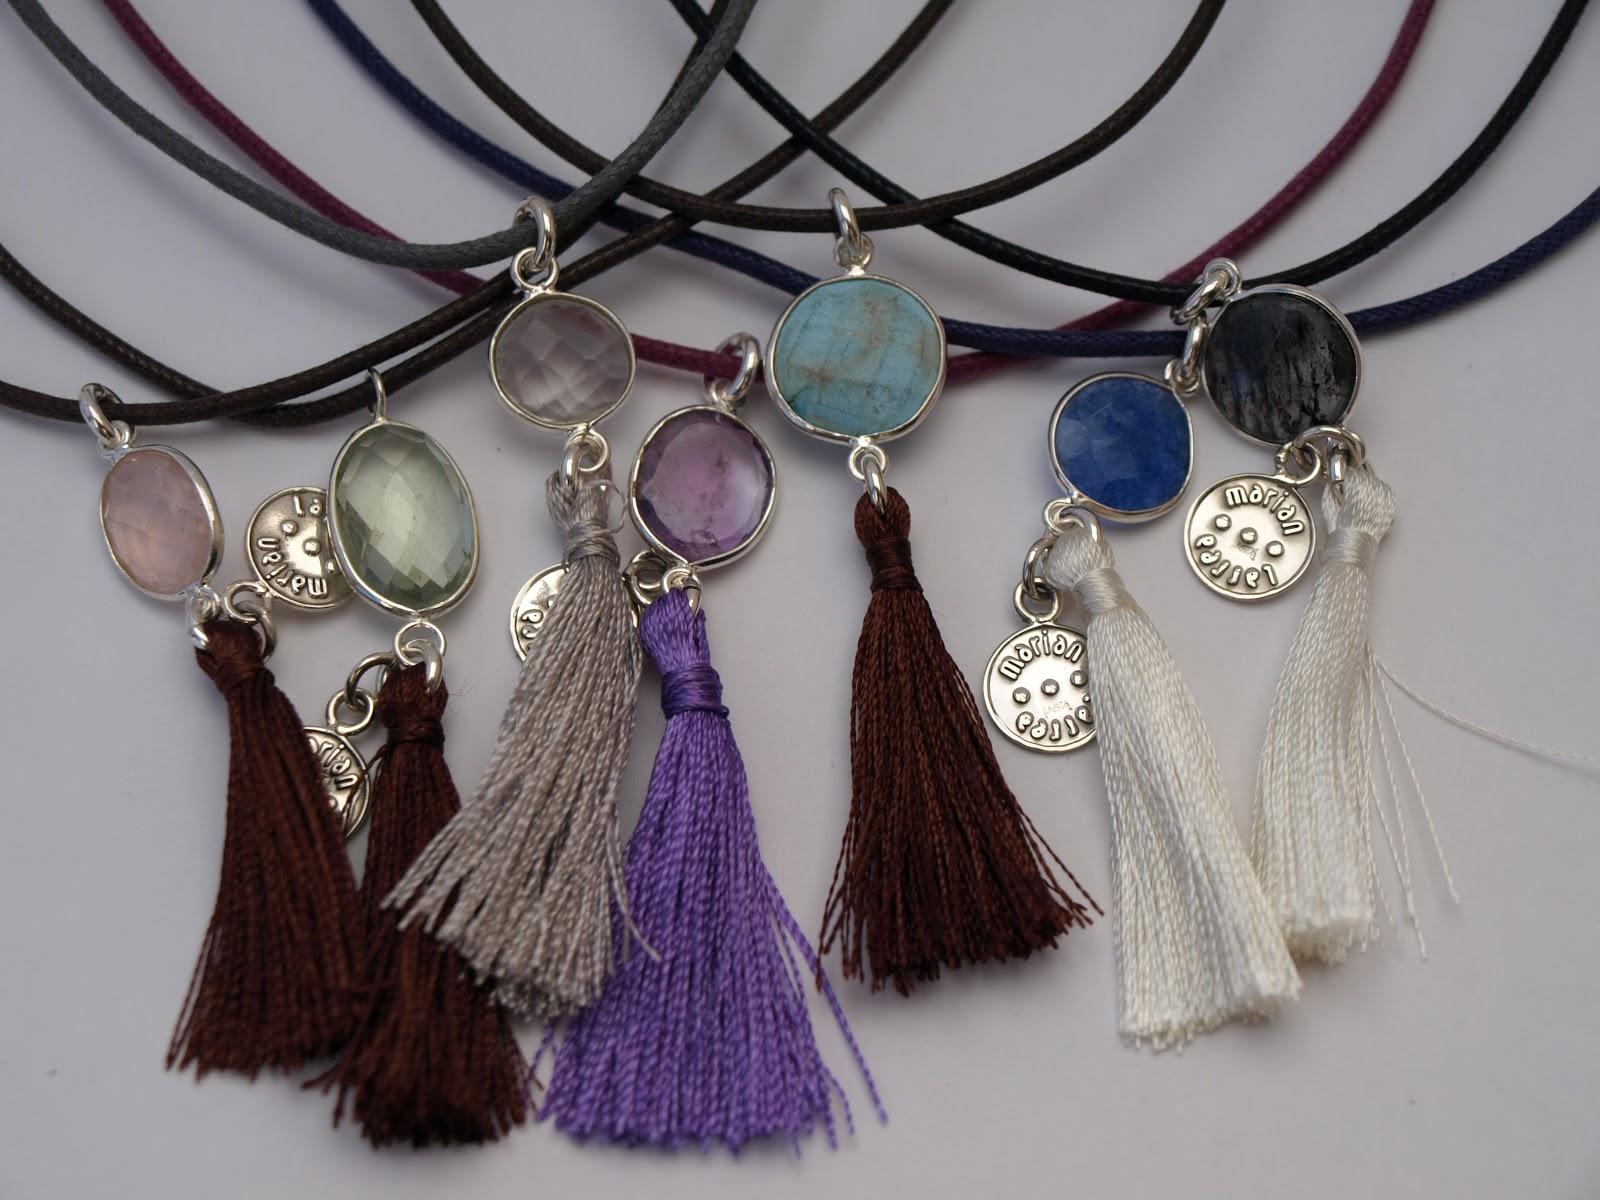 4421201e6921 Colgantes multicolor de piedras semipreciosas con cerco de plata y pompones  de seda